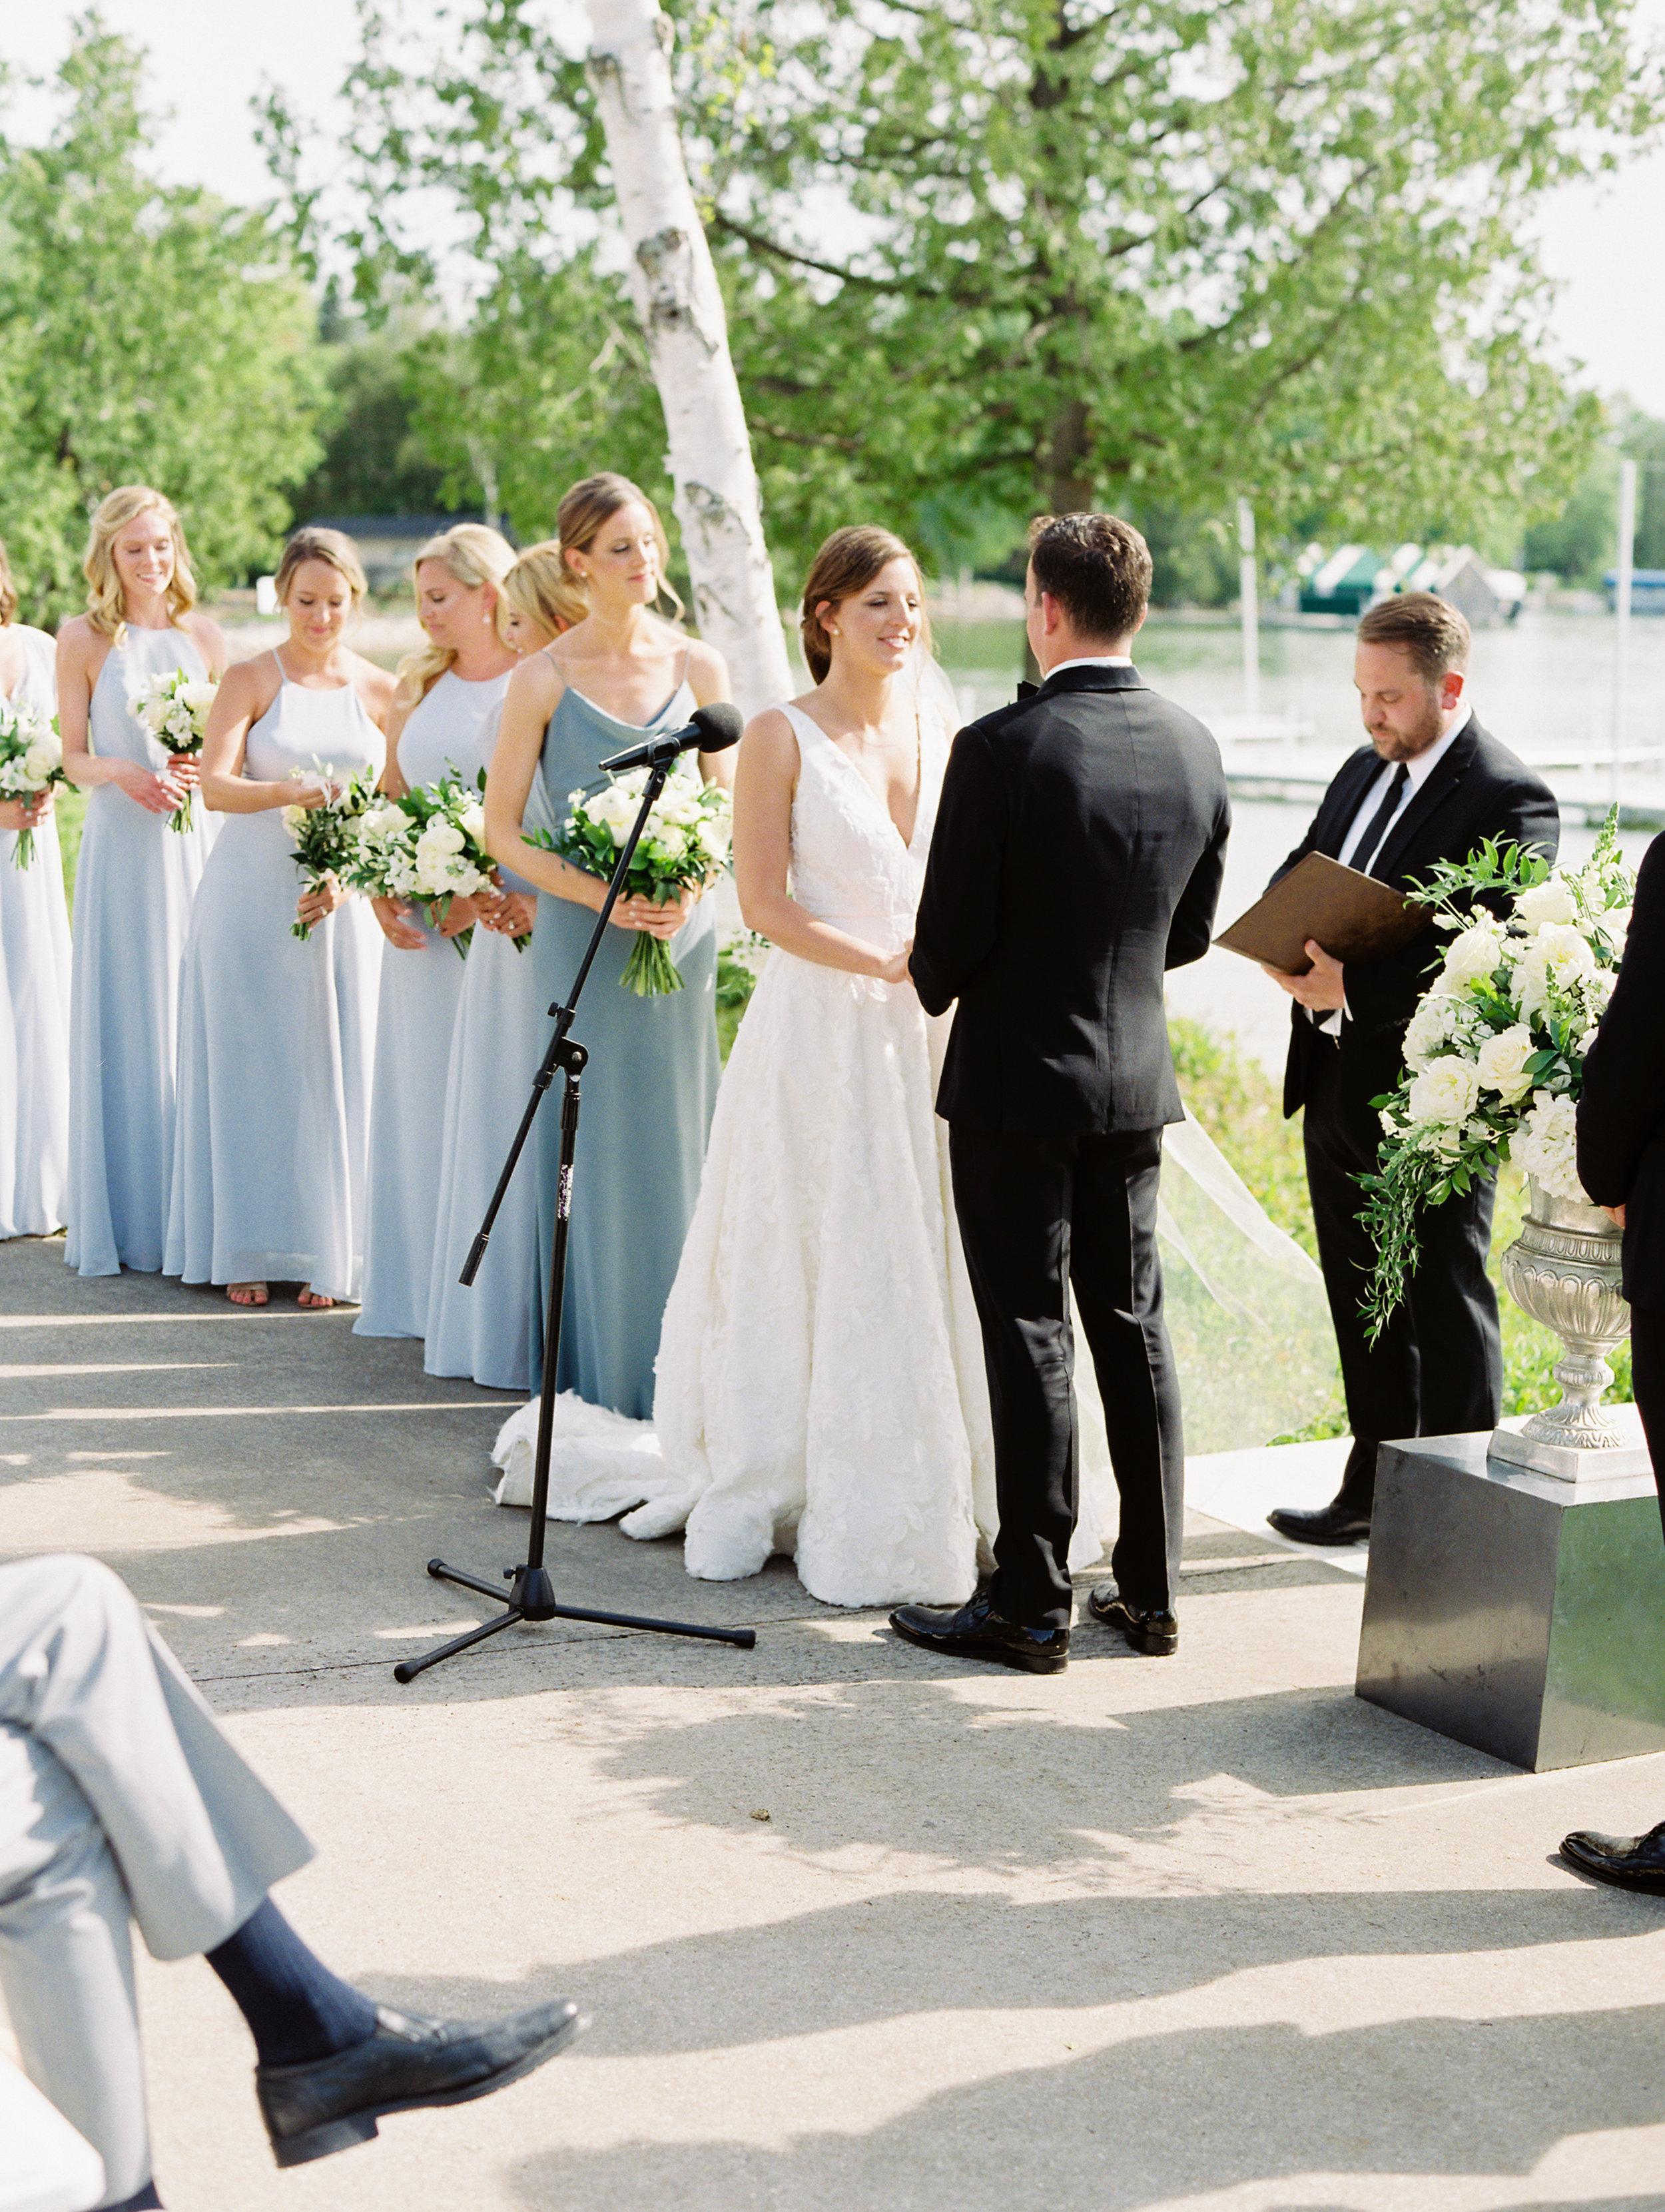 DeGuilio+Wedding+Ceremonyf-4.jpg